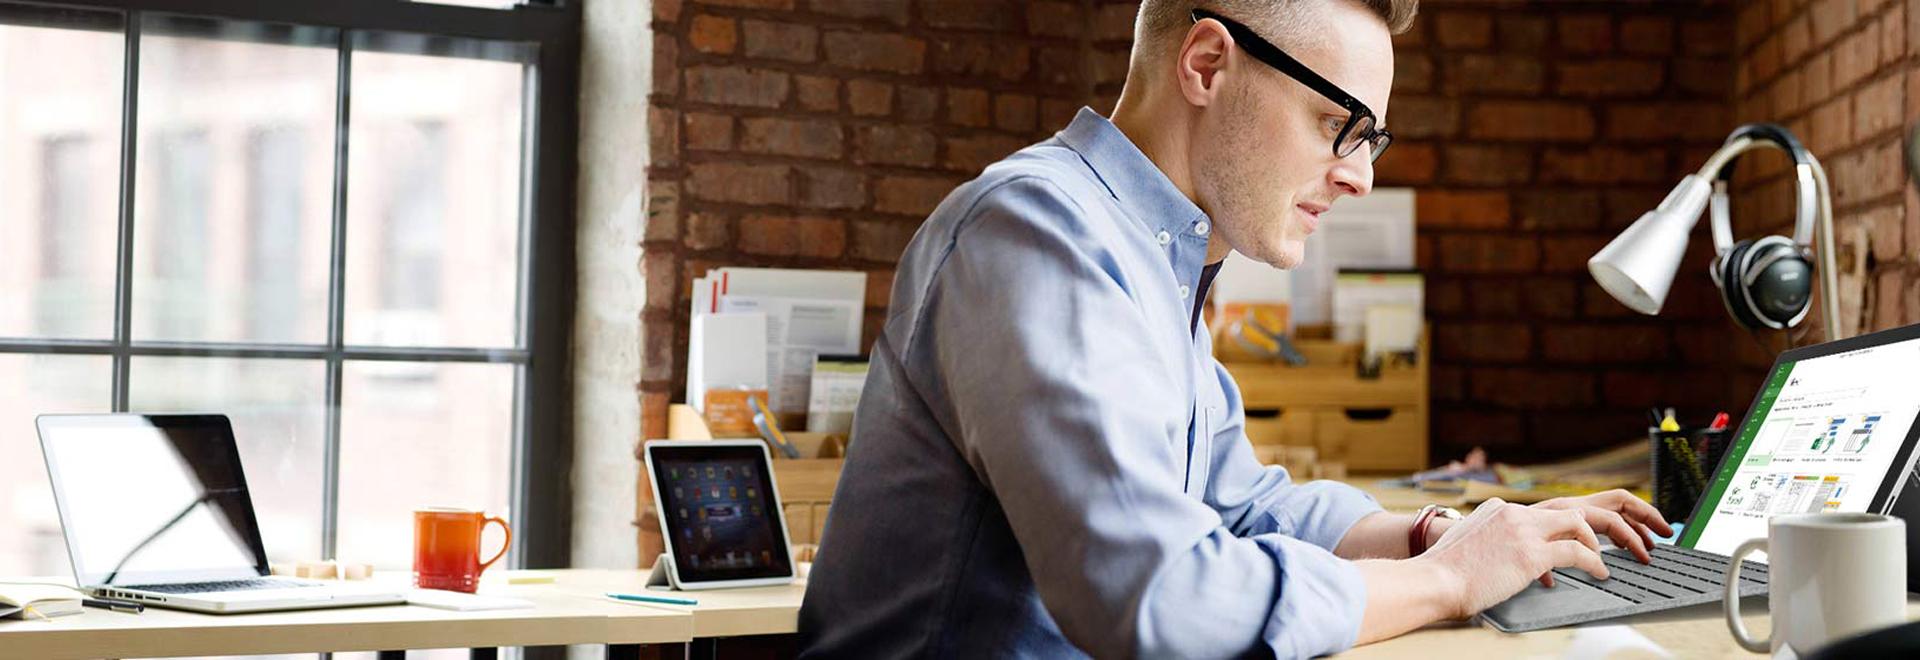 Hombre sentado frente a un escritorio y trabajando con una tableta Surface, con Microsoft Project.